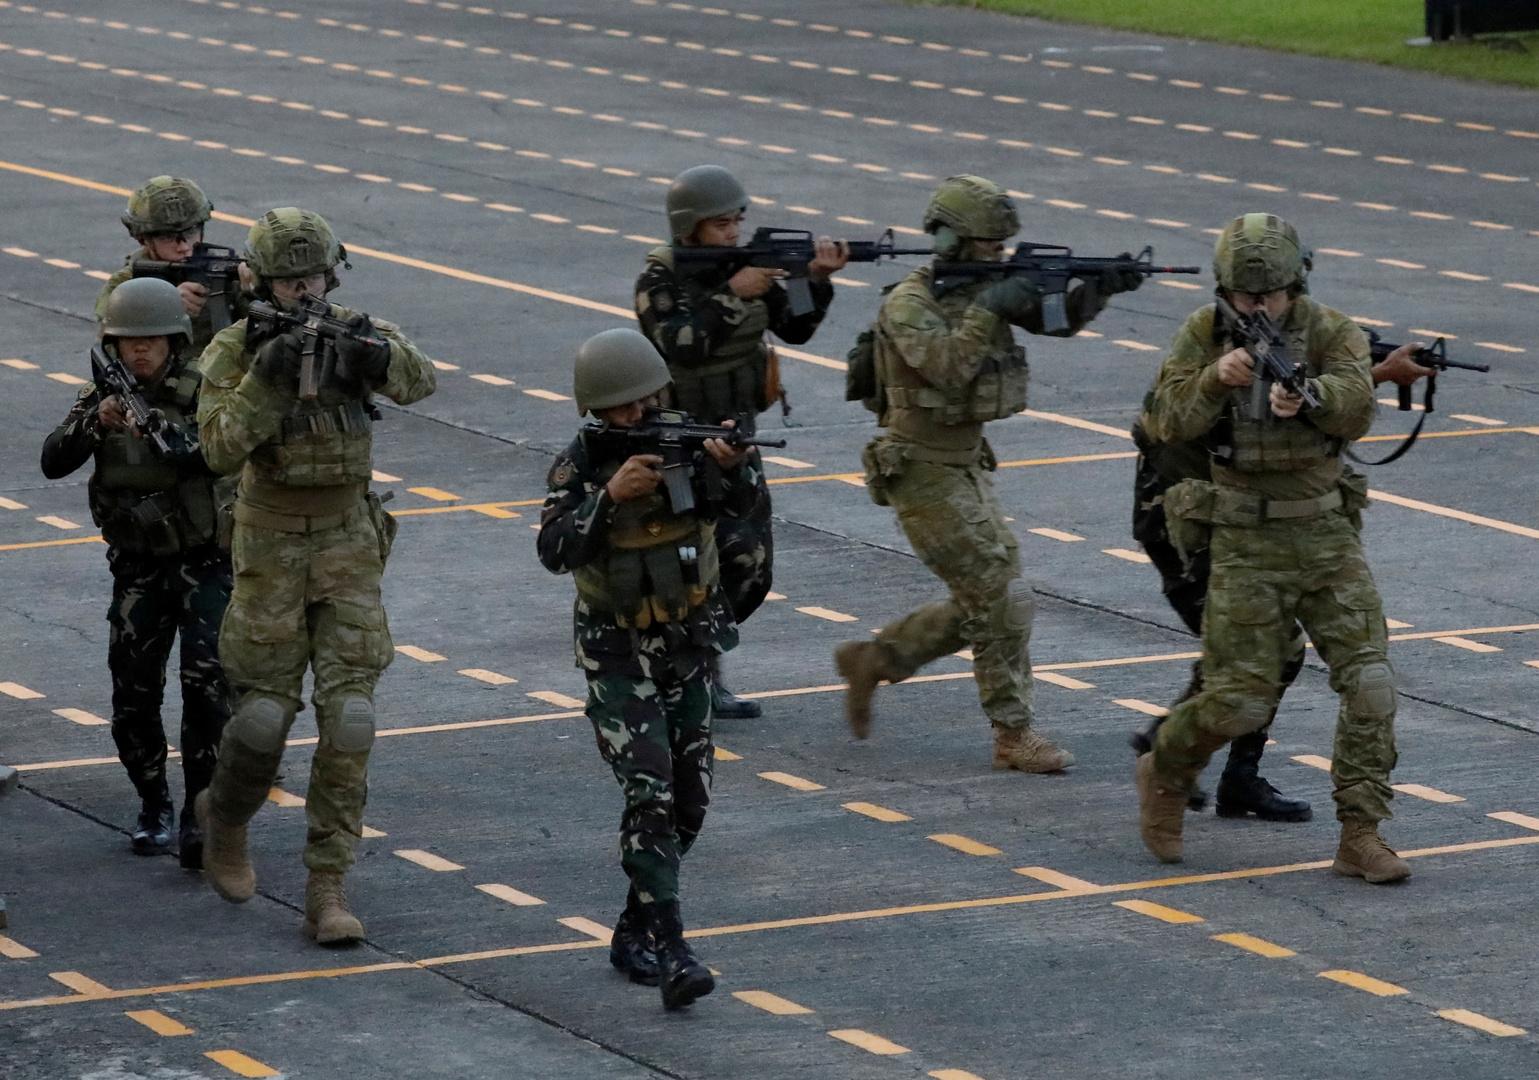 أستراليا تسرح عددا من جنودها بسبب عمليات قتل غير قانونية بأفغانستان